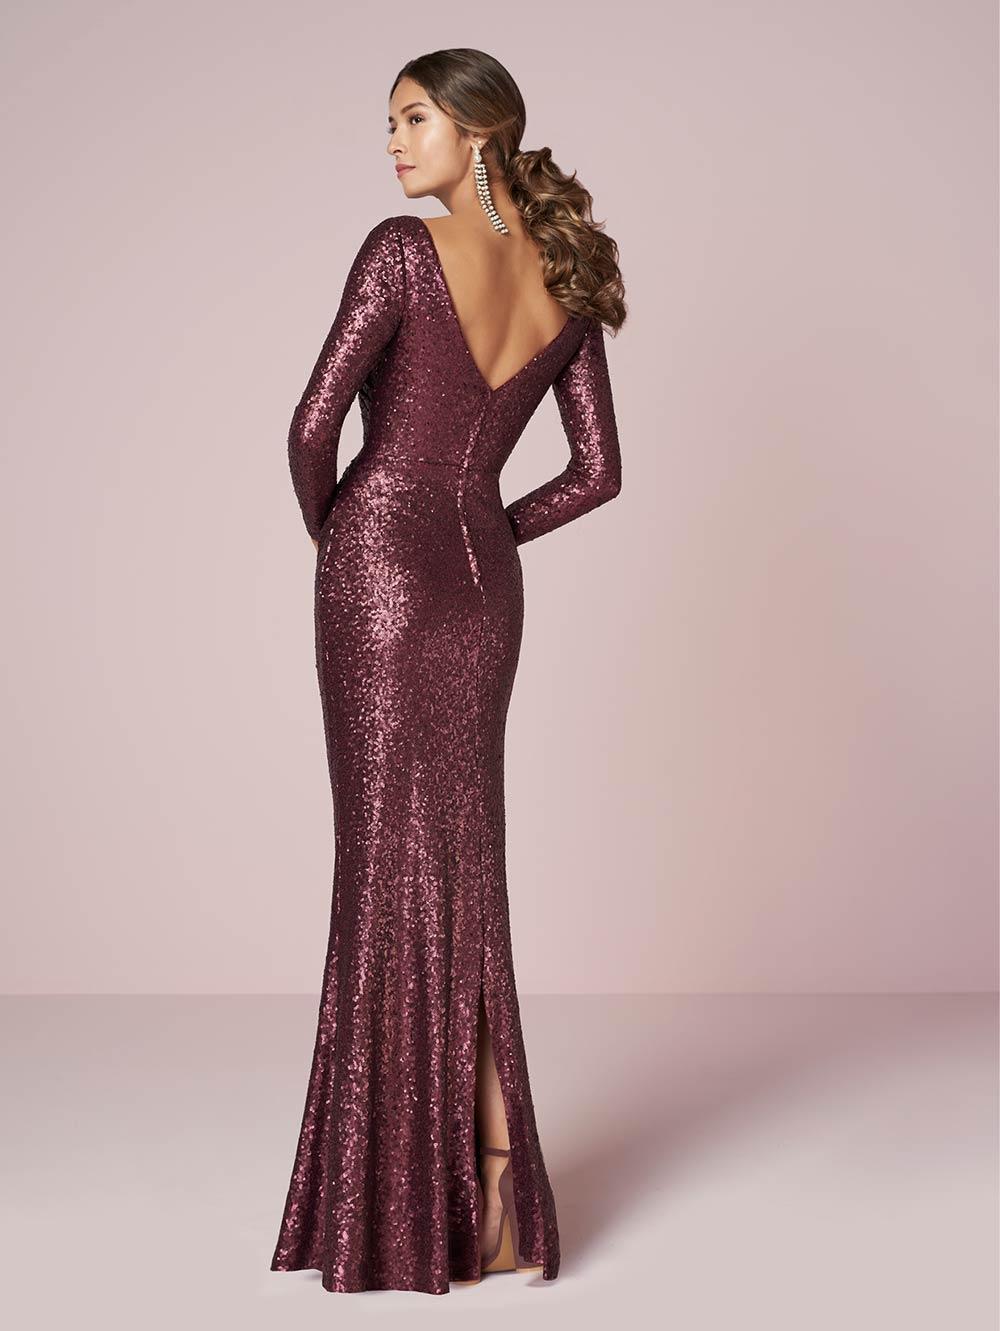 bridesmaid-dresses-jacquelin-bridals-canada-27766